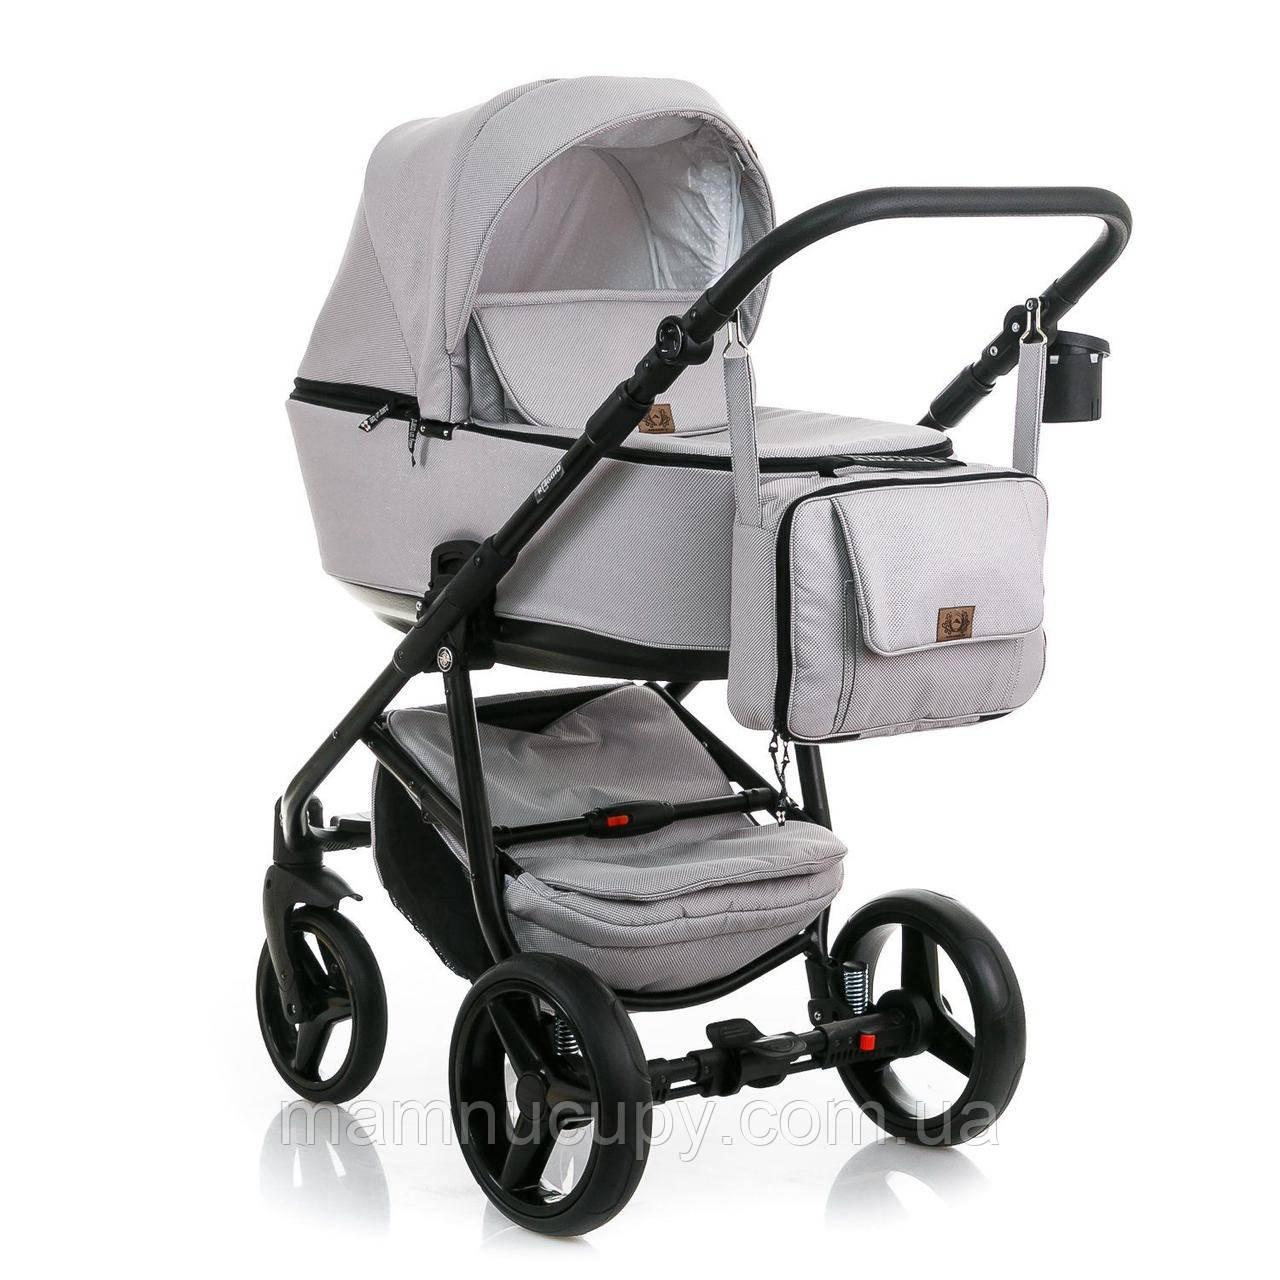 Детская универсальная коляска 2 в 1 Adamex Reggio Y104 (адамекс реджио)